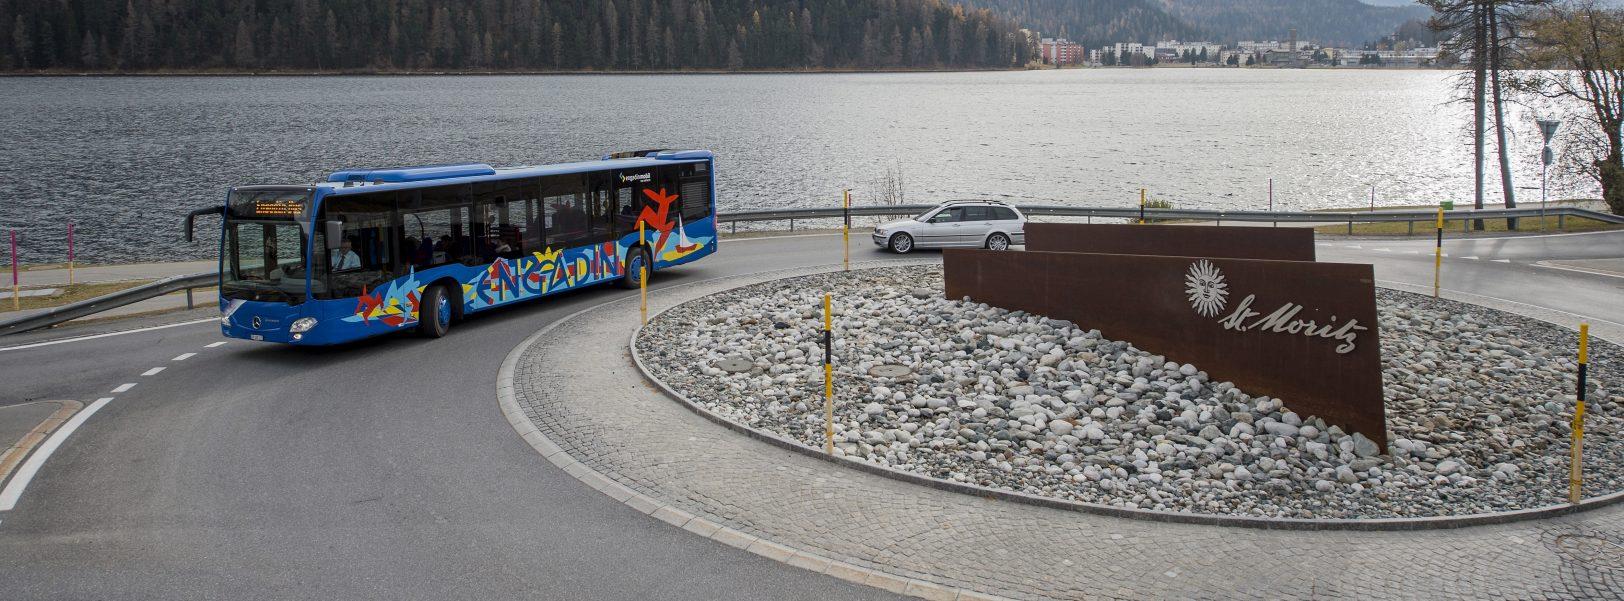 Engadin Bus Kreisel St. Moritz